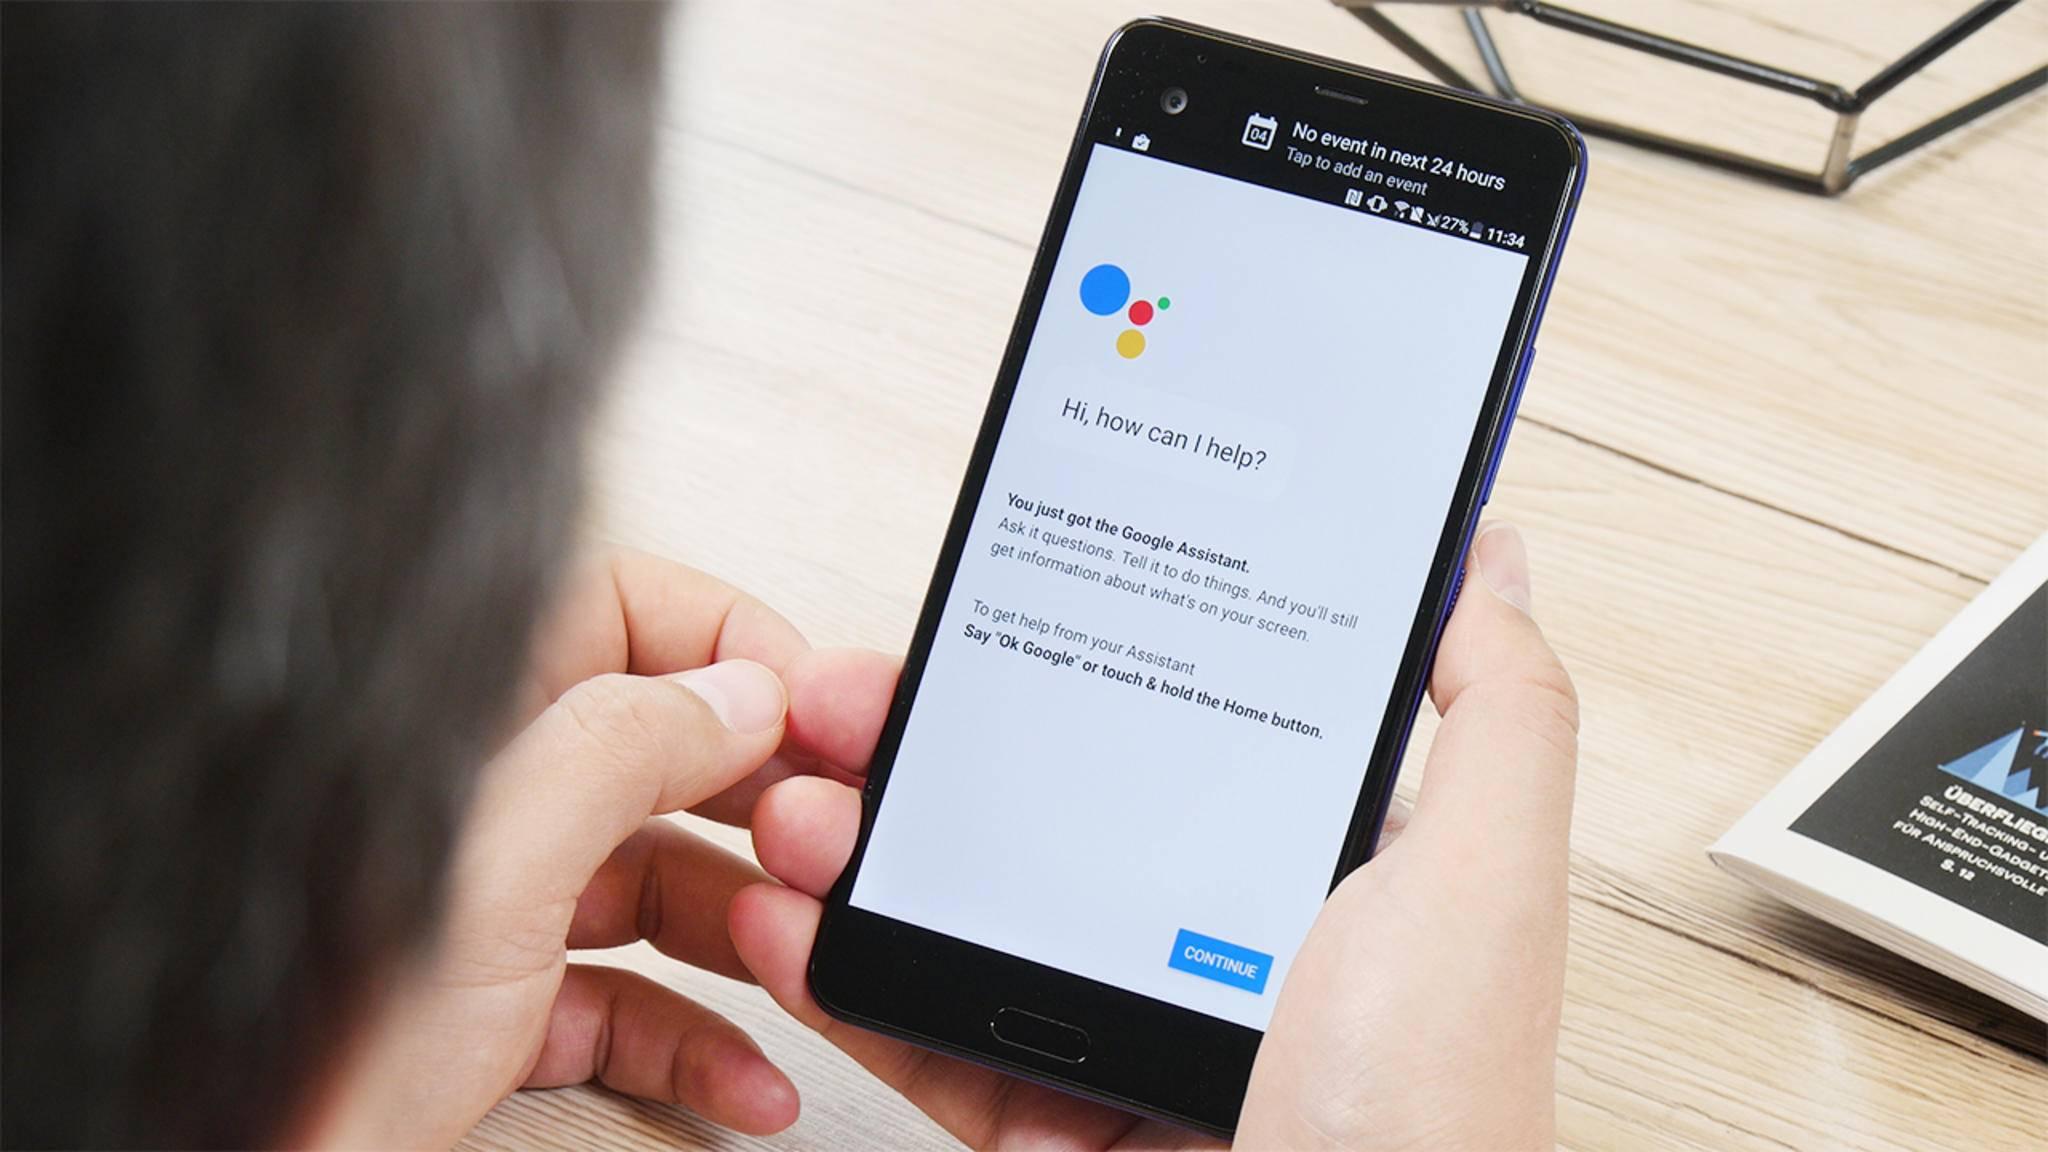 Nach Smartphones erscheint der Google Assistant auch für Klapphandys.